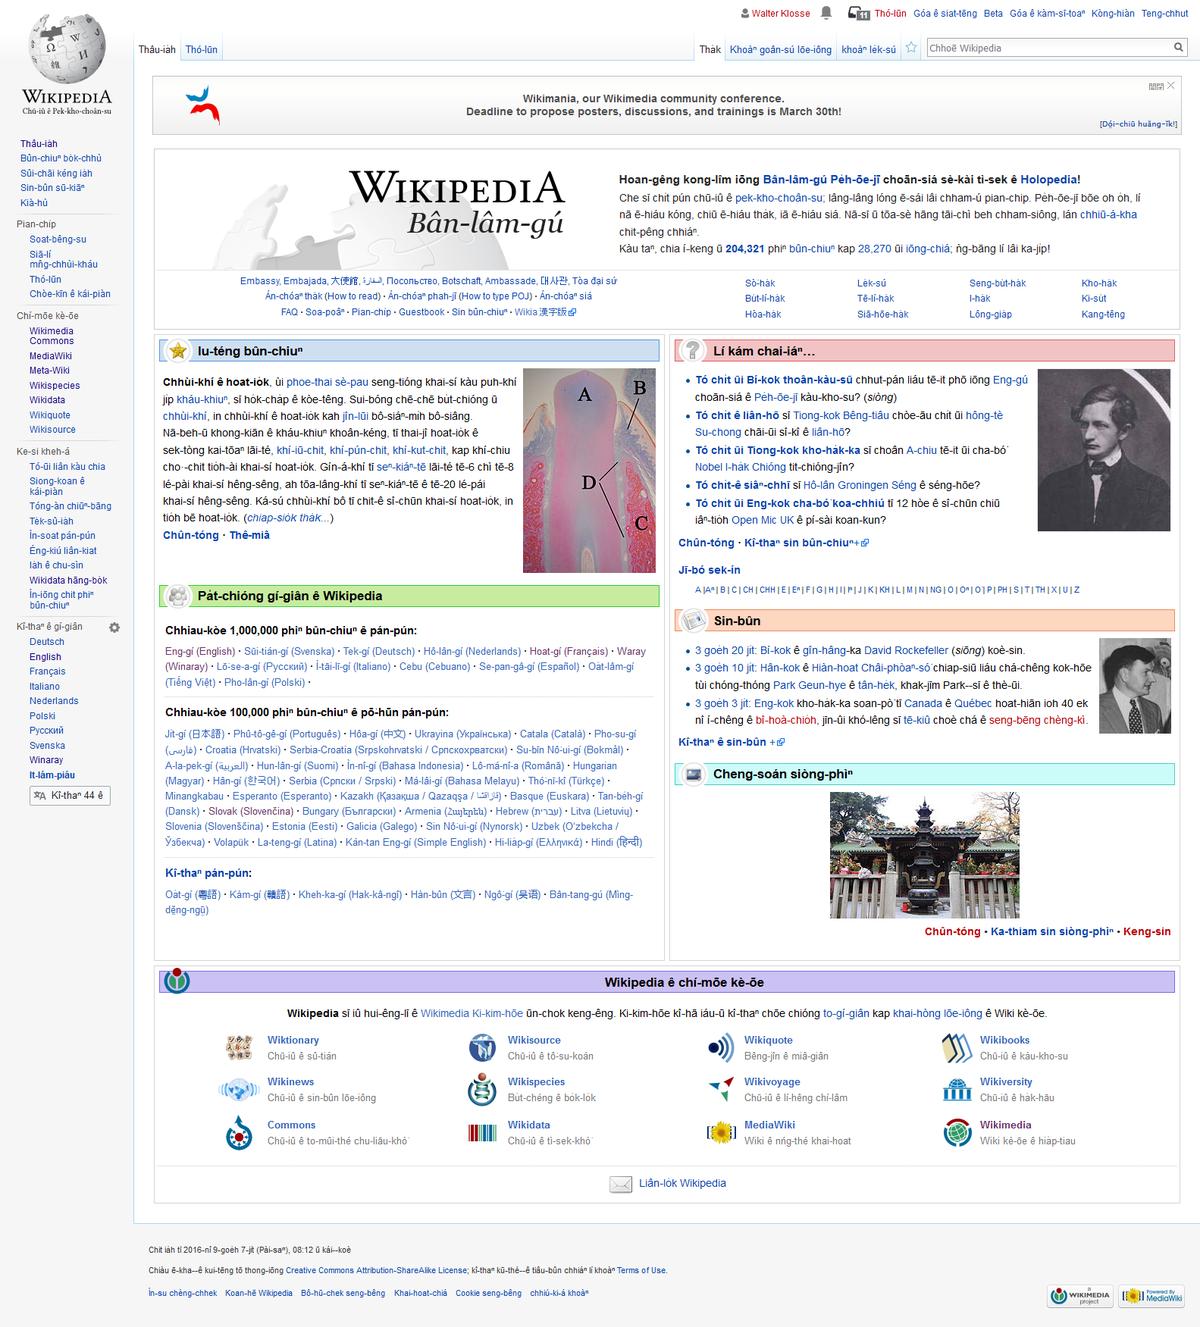 min nan wikipedie wikipedie